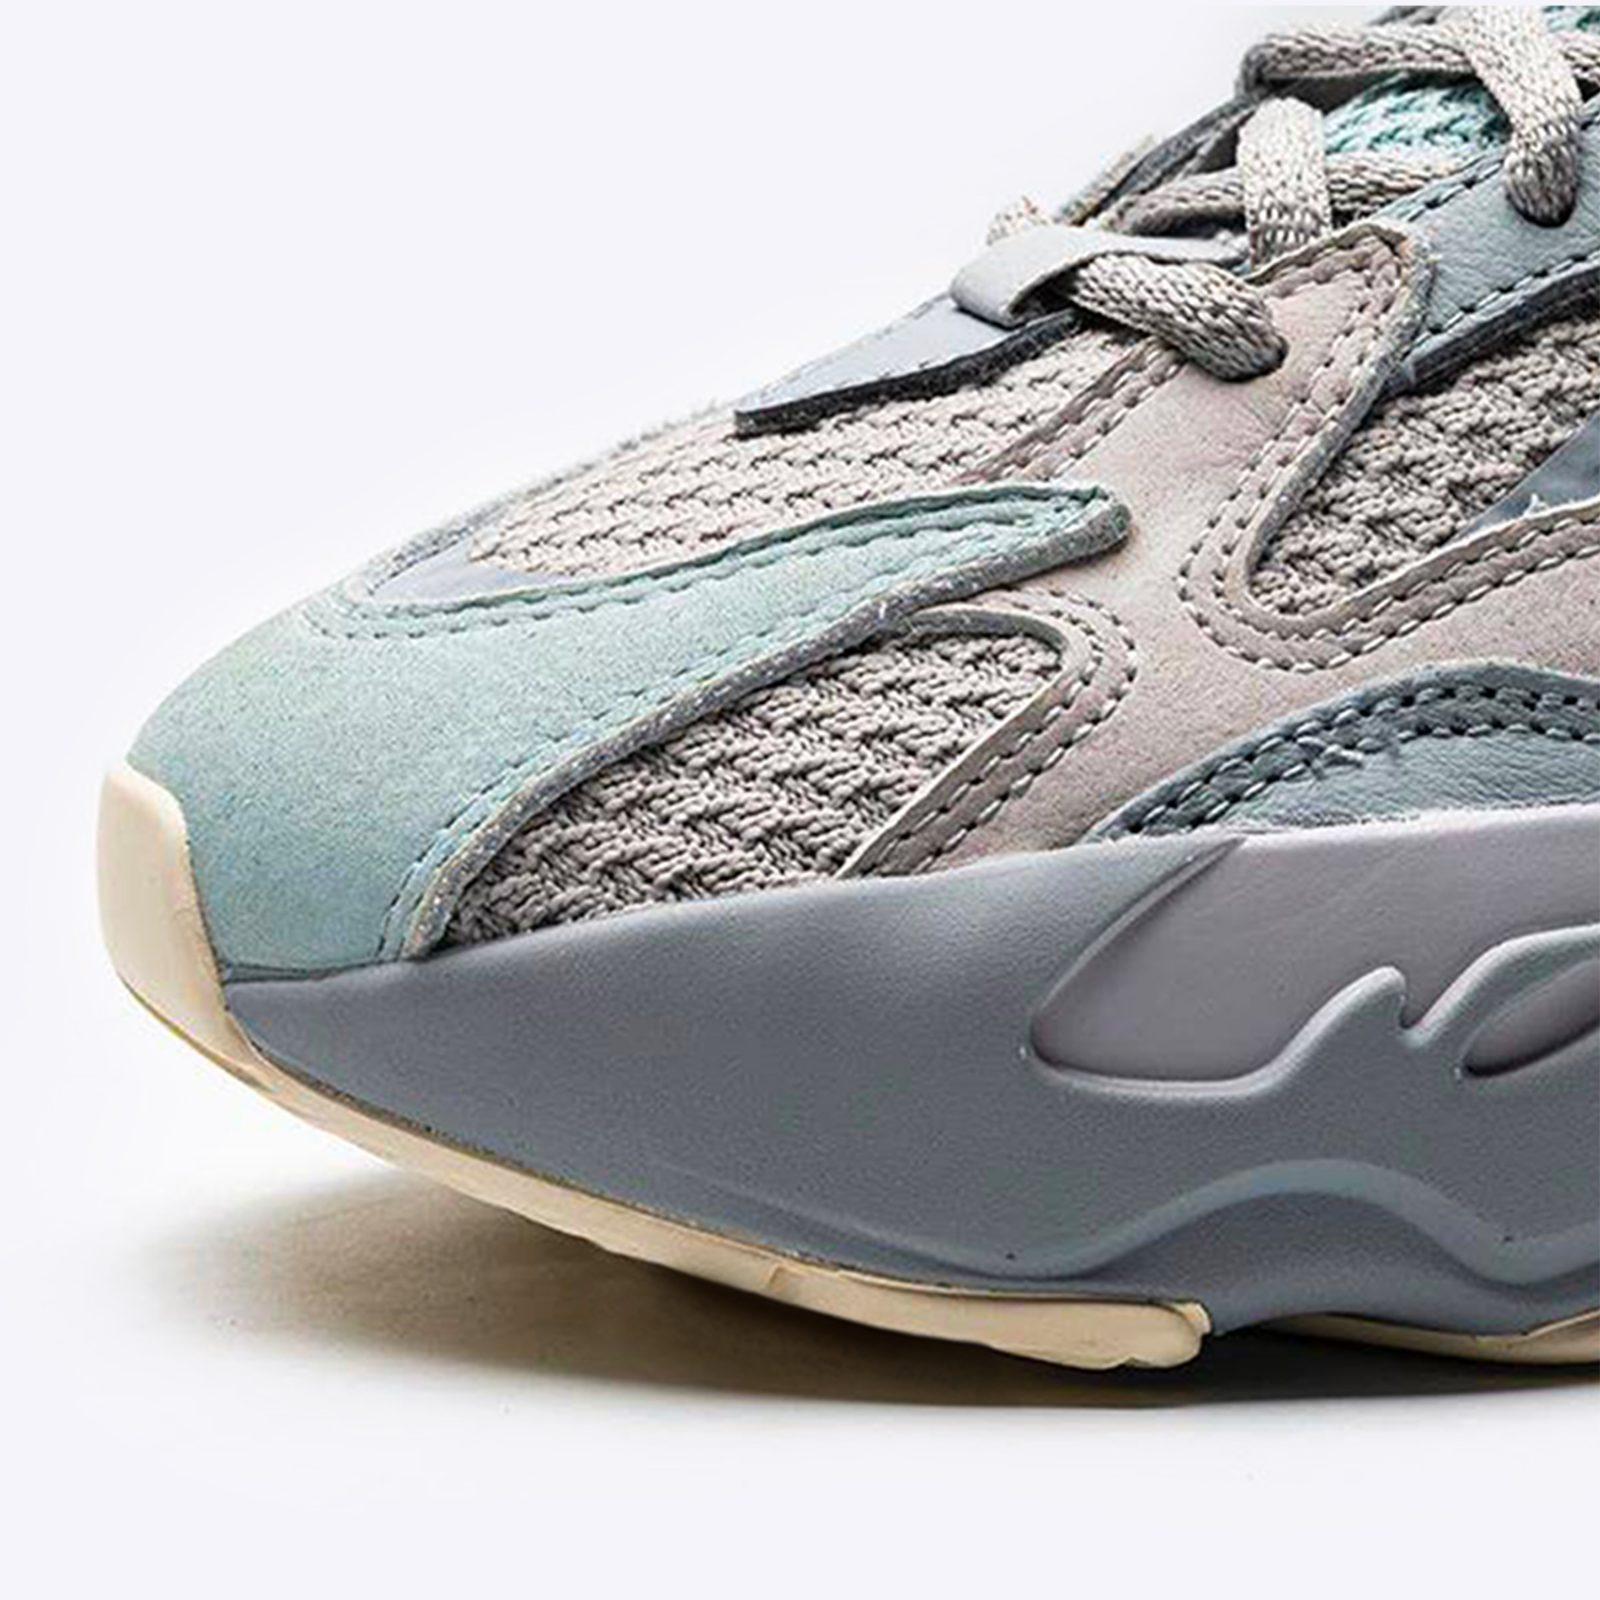 adidas Yeezy Boost 700 V2 Inertia toe box copy